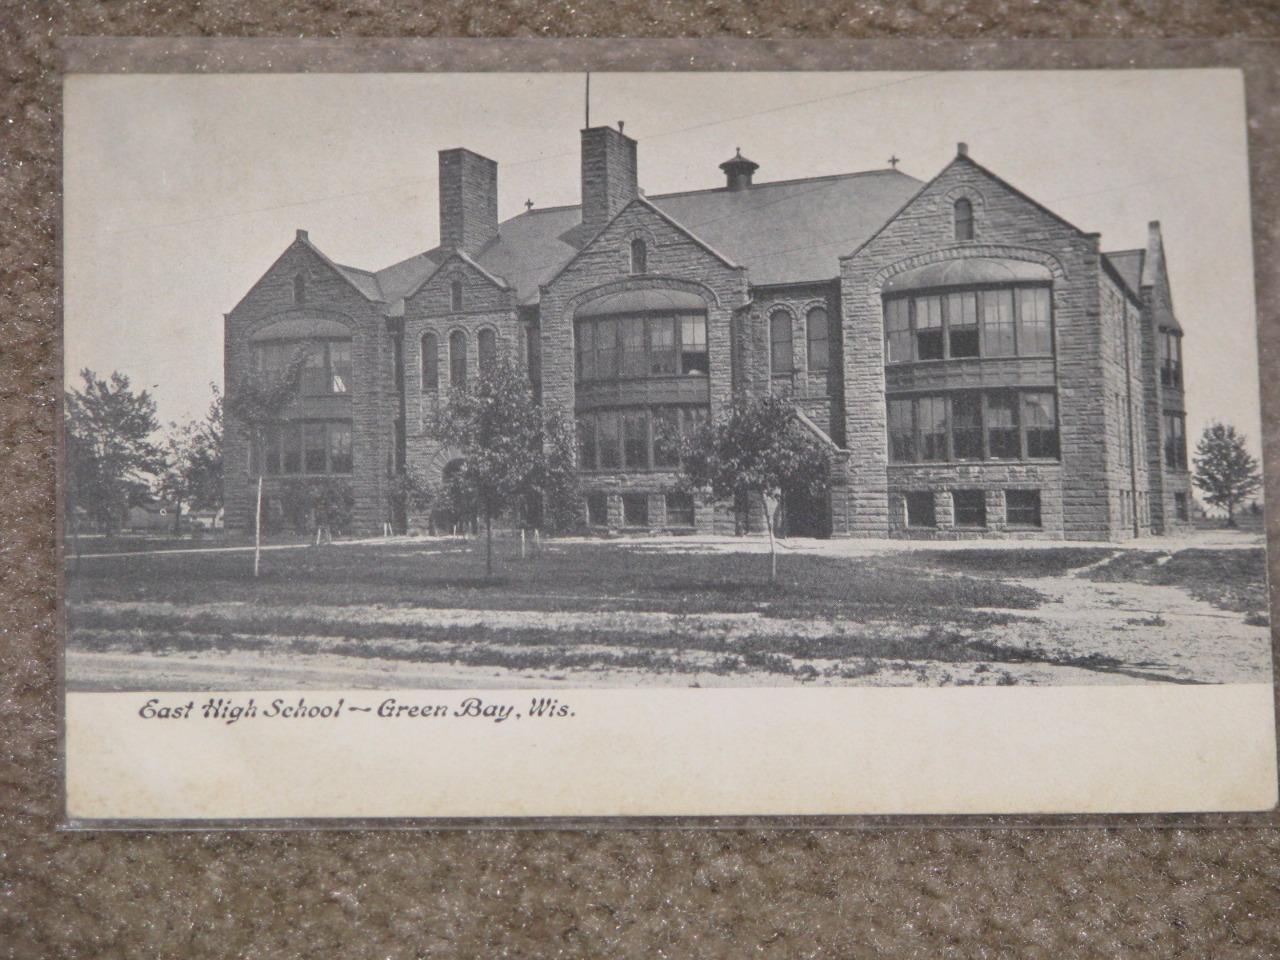 East High School, Green Bay, Wisc., unused vintage card